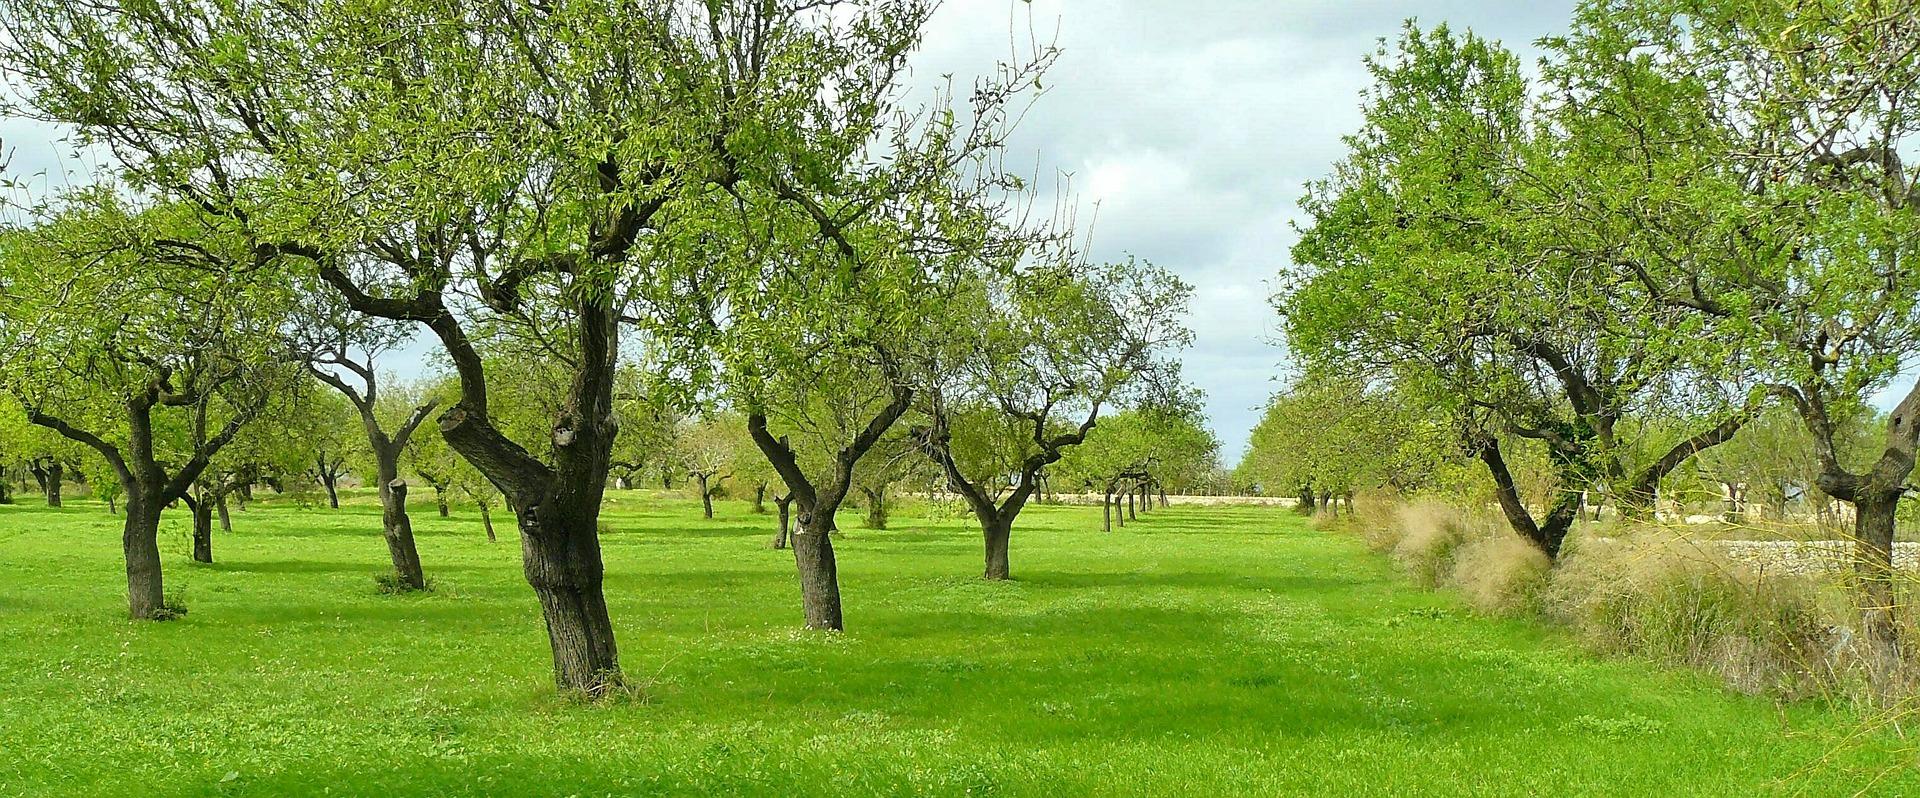 Symbolfoto Hecke Baum